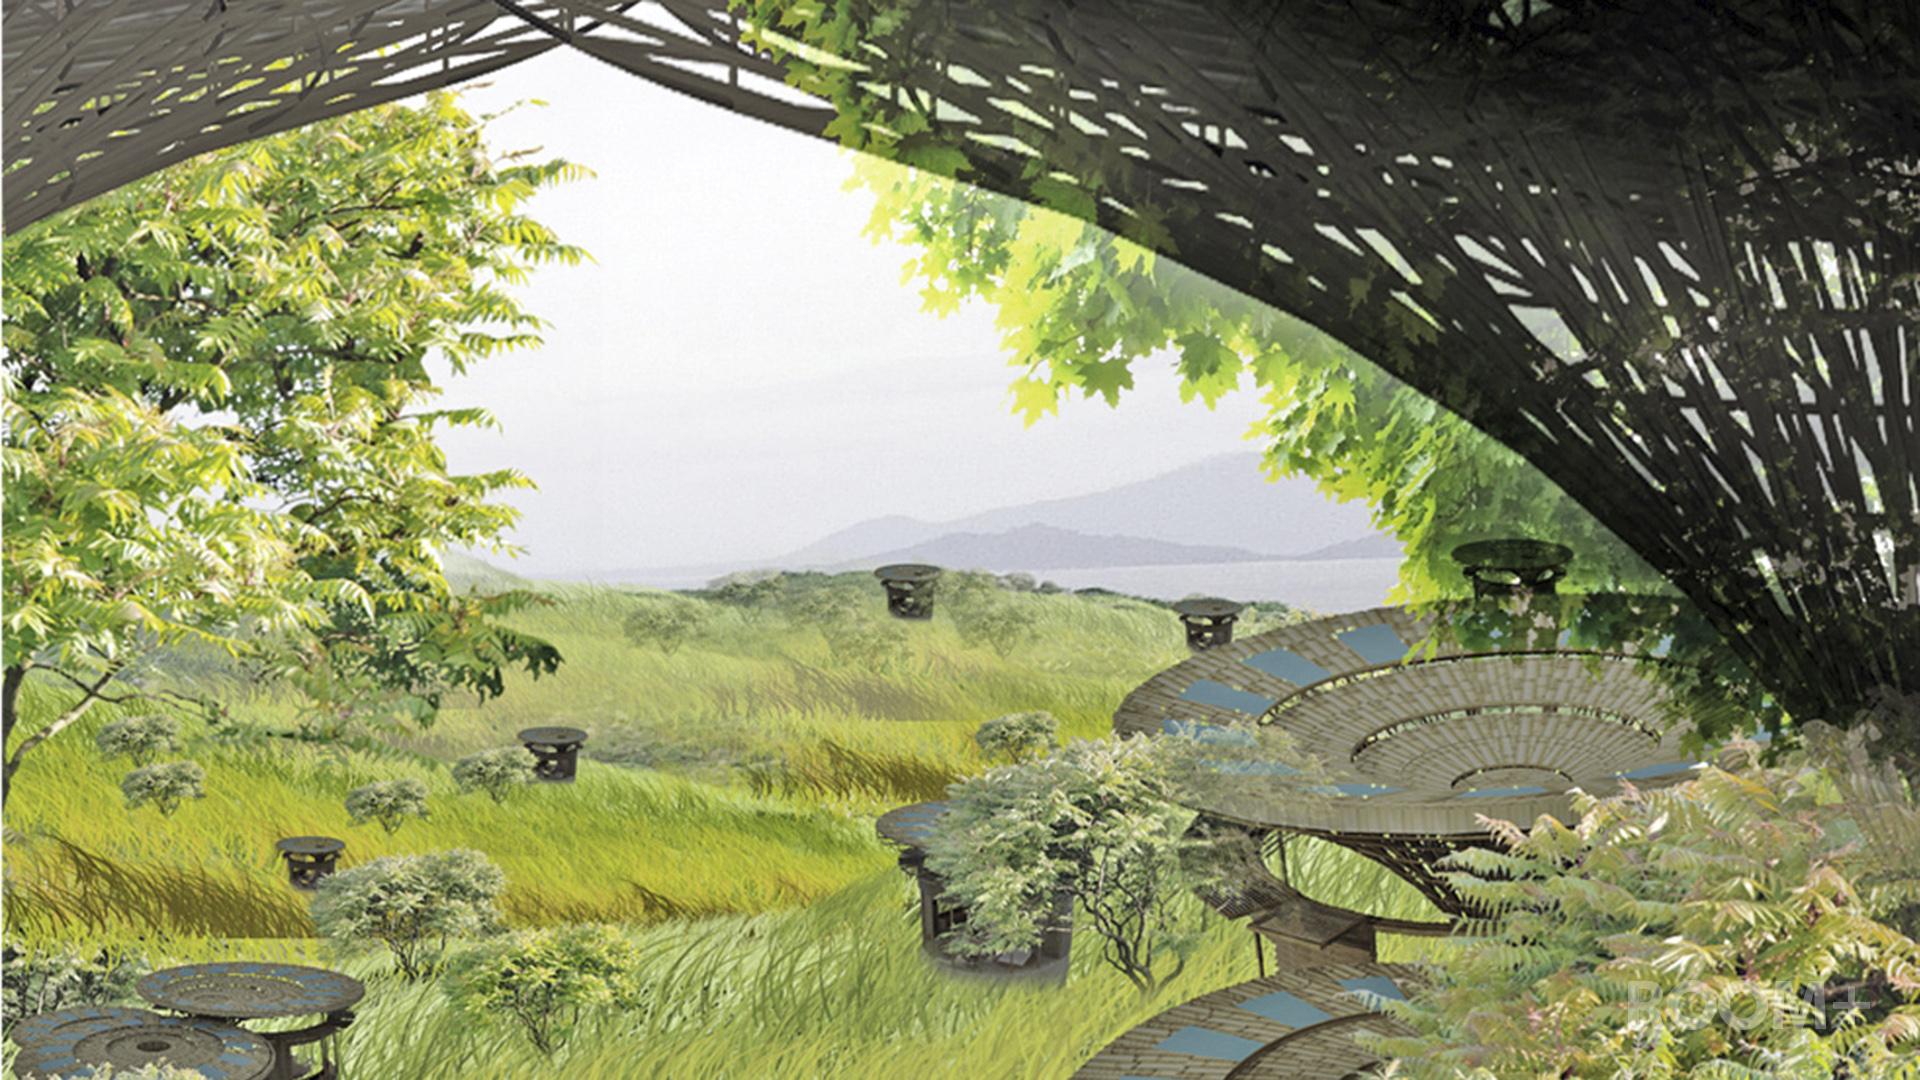 Khu nghỉ dưỡng làng sinh thái NeEco